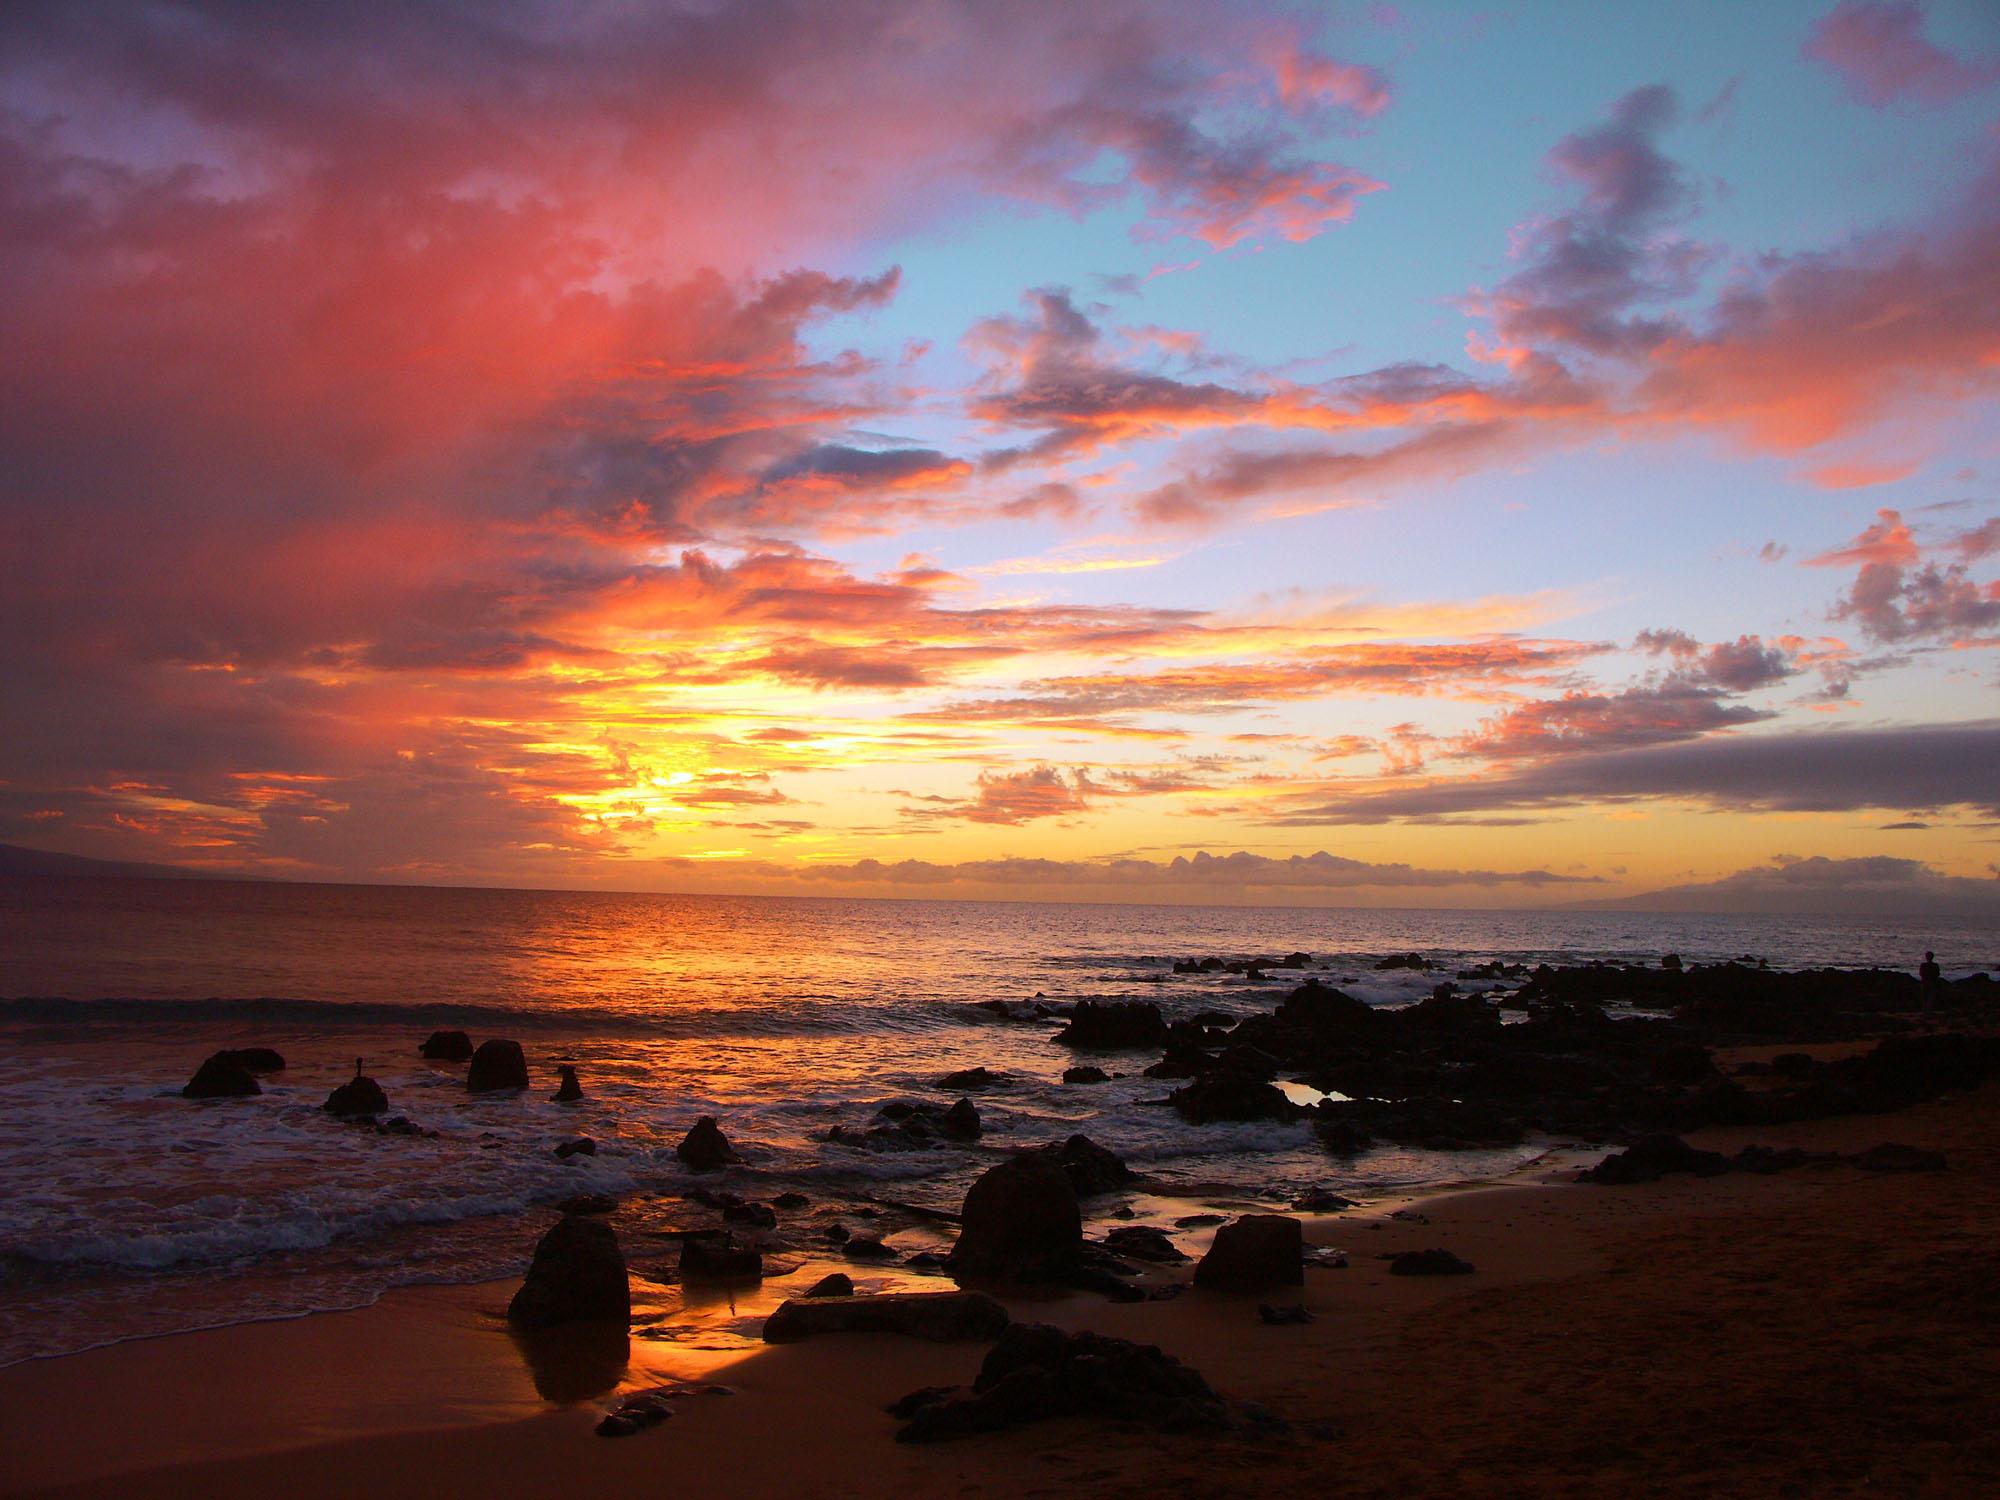 Bing Hd Wallpaper Fall File Maui Sunset Jpg Wikimedia Commons